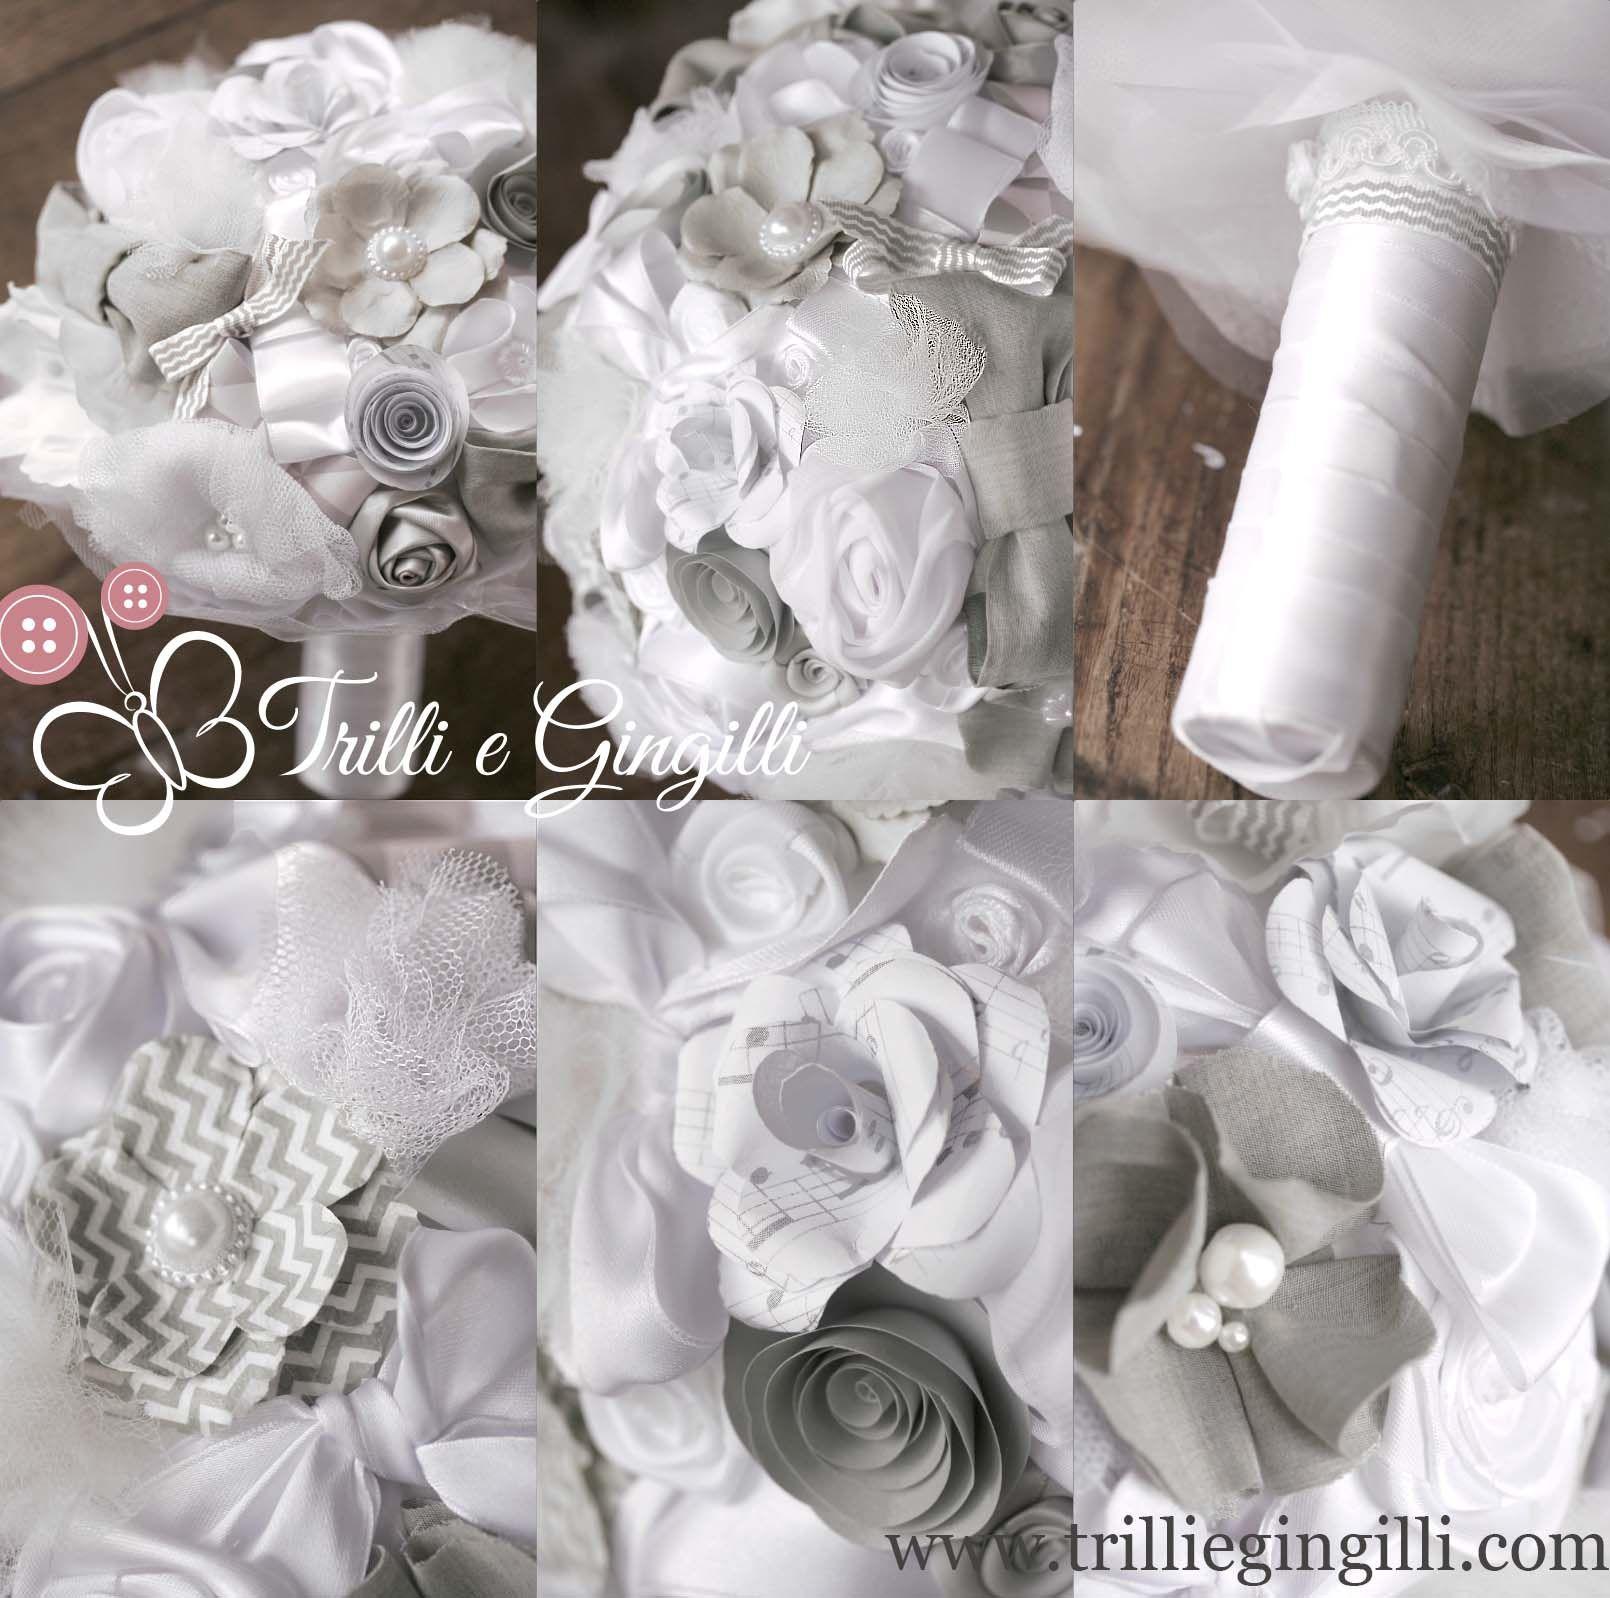 Bouquet Sposa In Stoffa.Bouquet Sposa Bianco E Grigio Con Fiori Di Carta E Stoffa Wedding